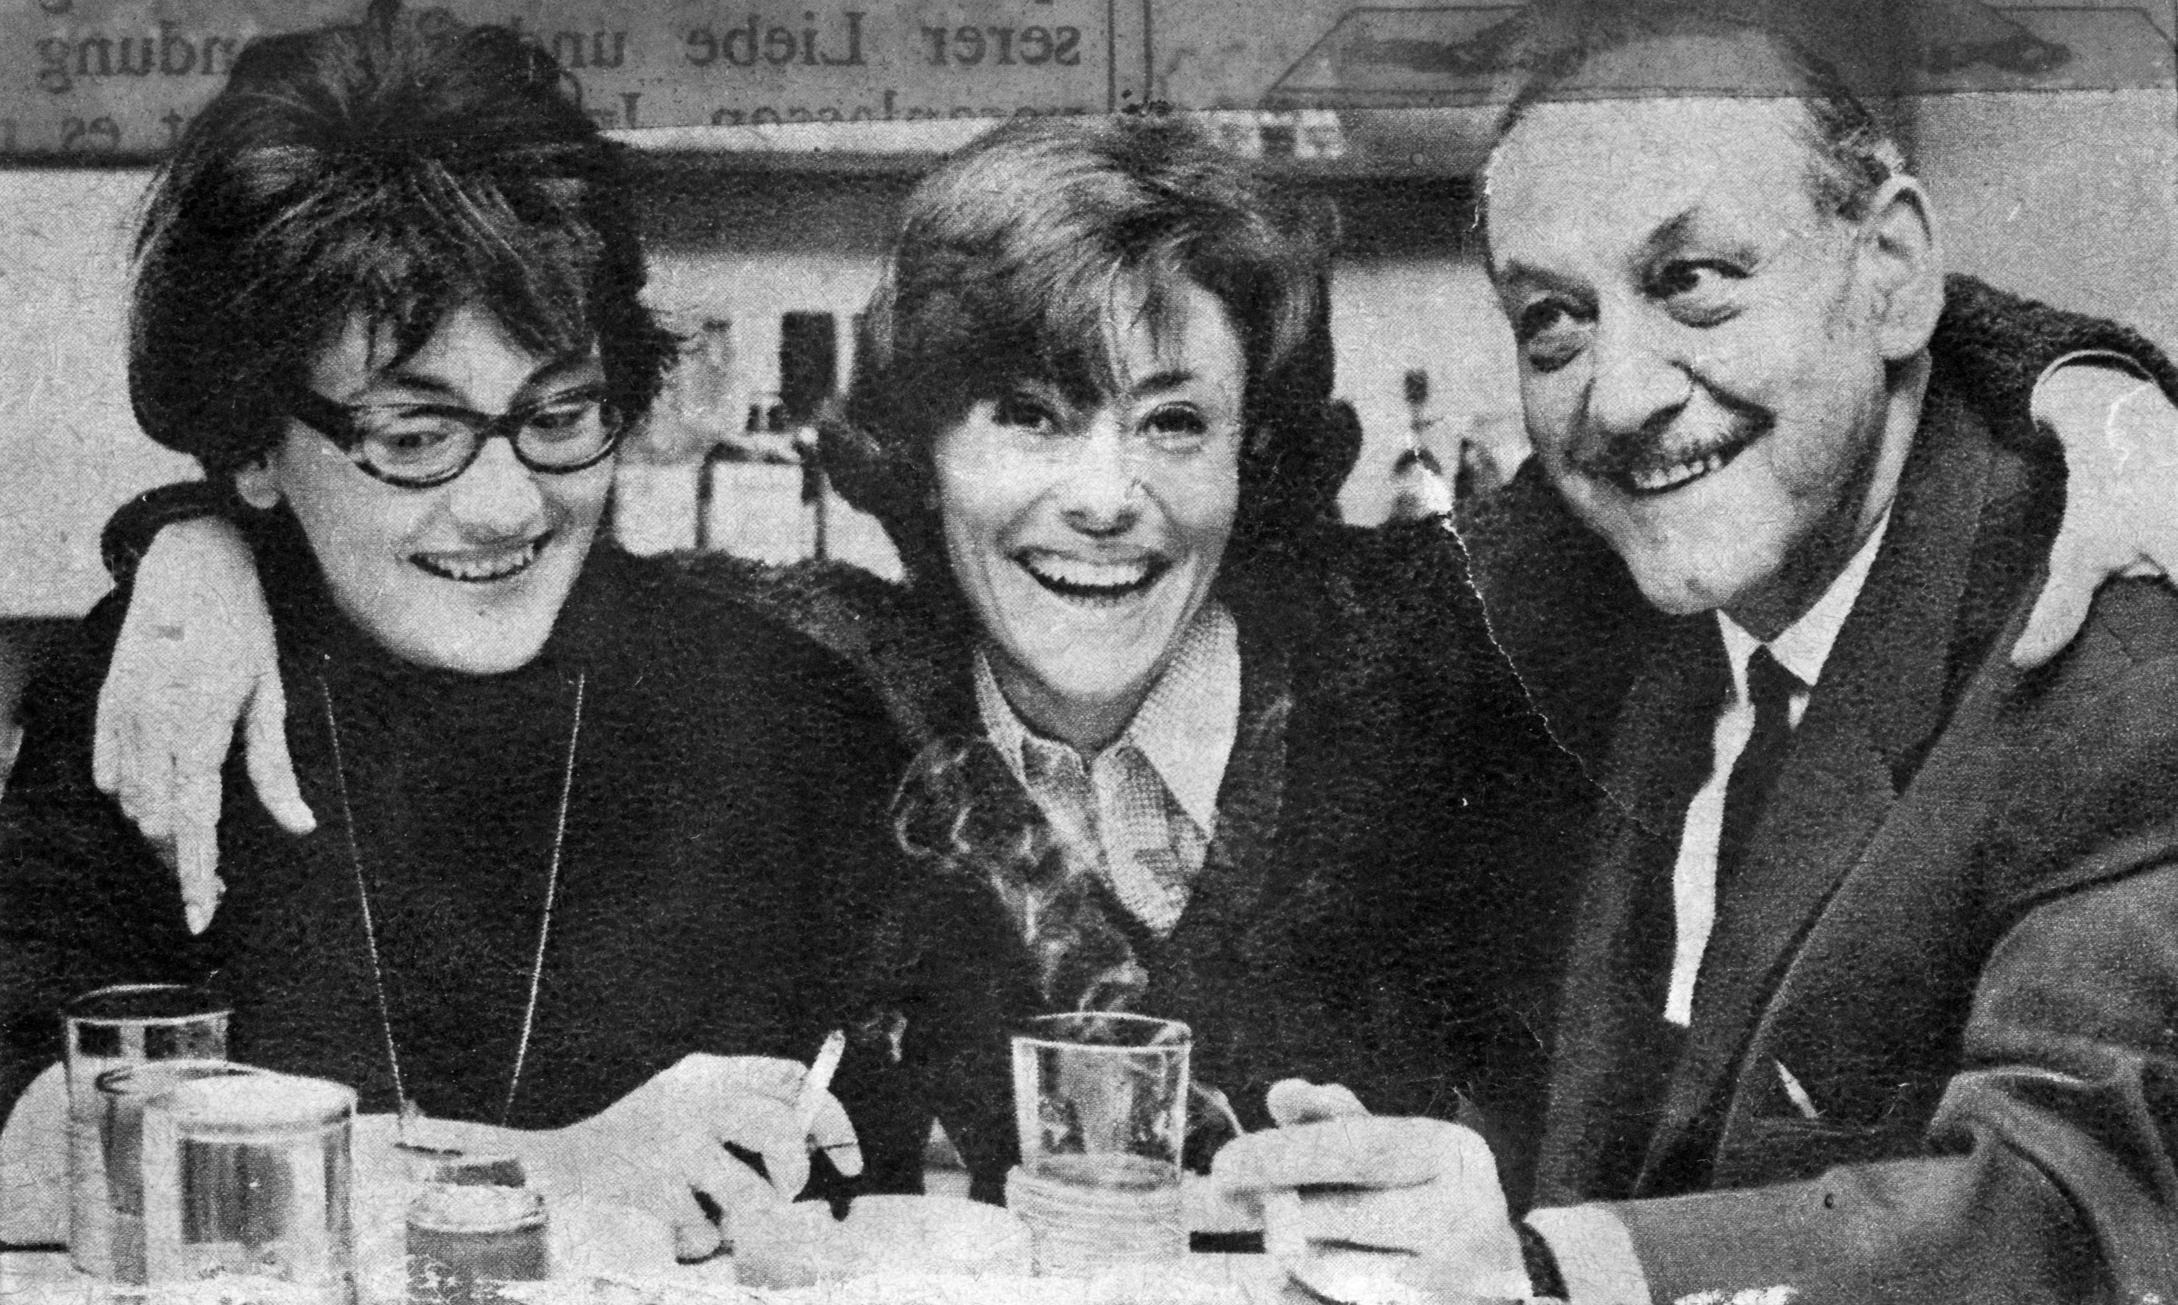 E. Schnell, C. Valente, Walo Linder